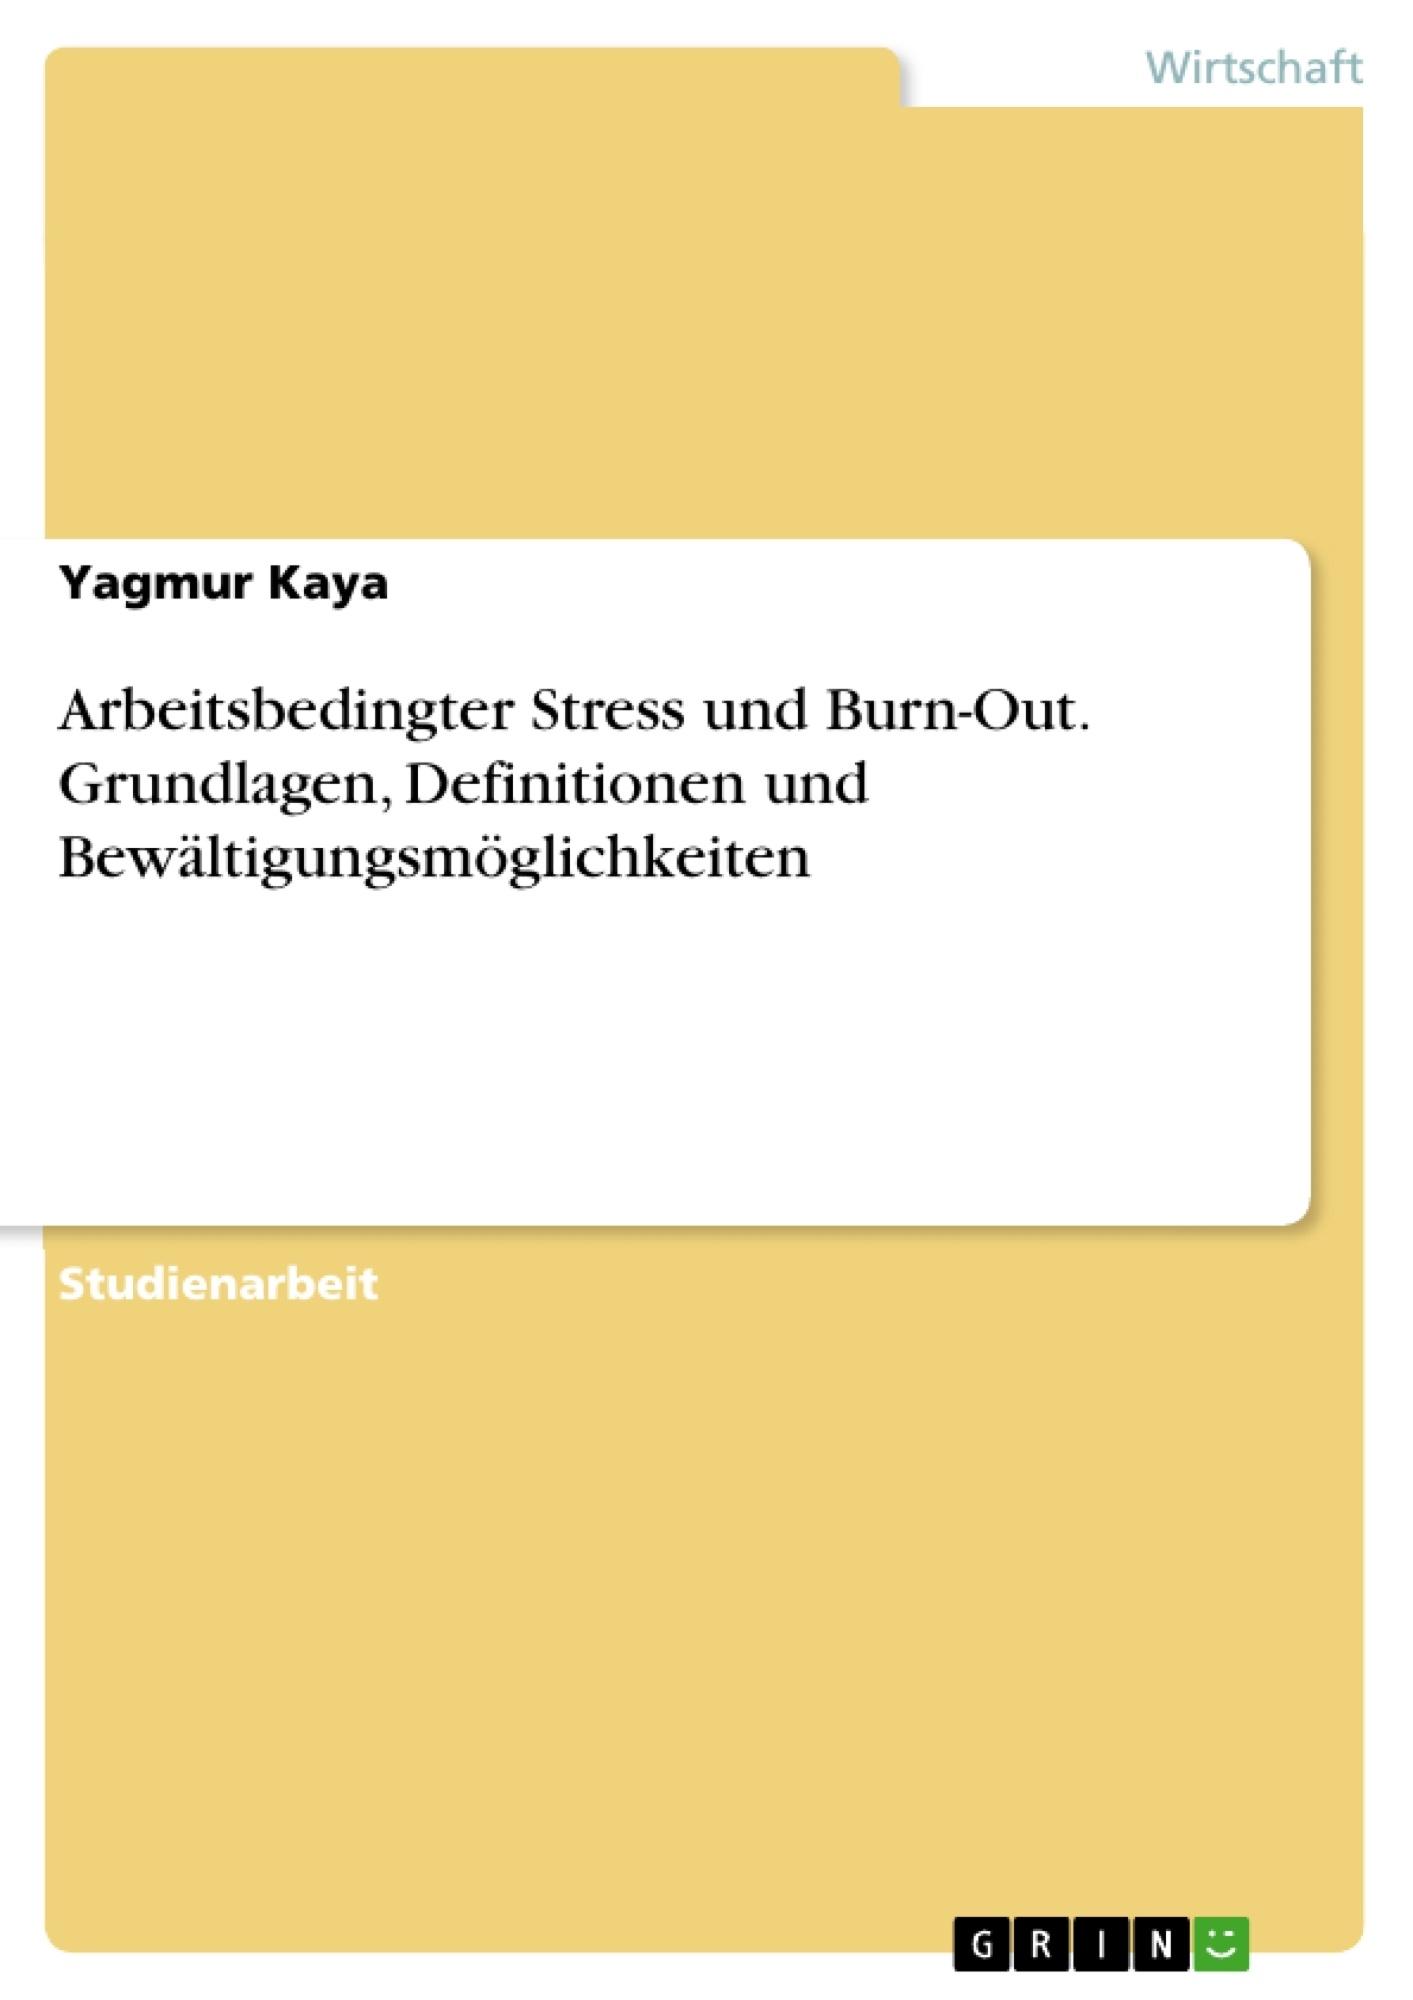 Titel: Arbeitsbedingter Stress und Burn-Out. Grundlagen, Definitionen und Bewältigungsmöglichkeiten